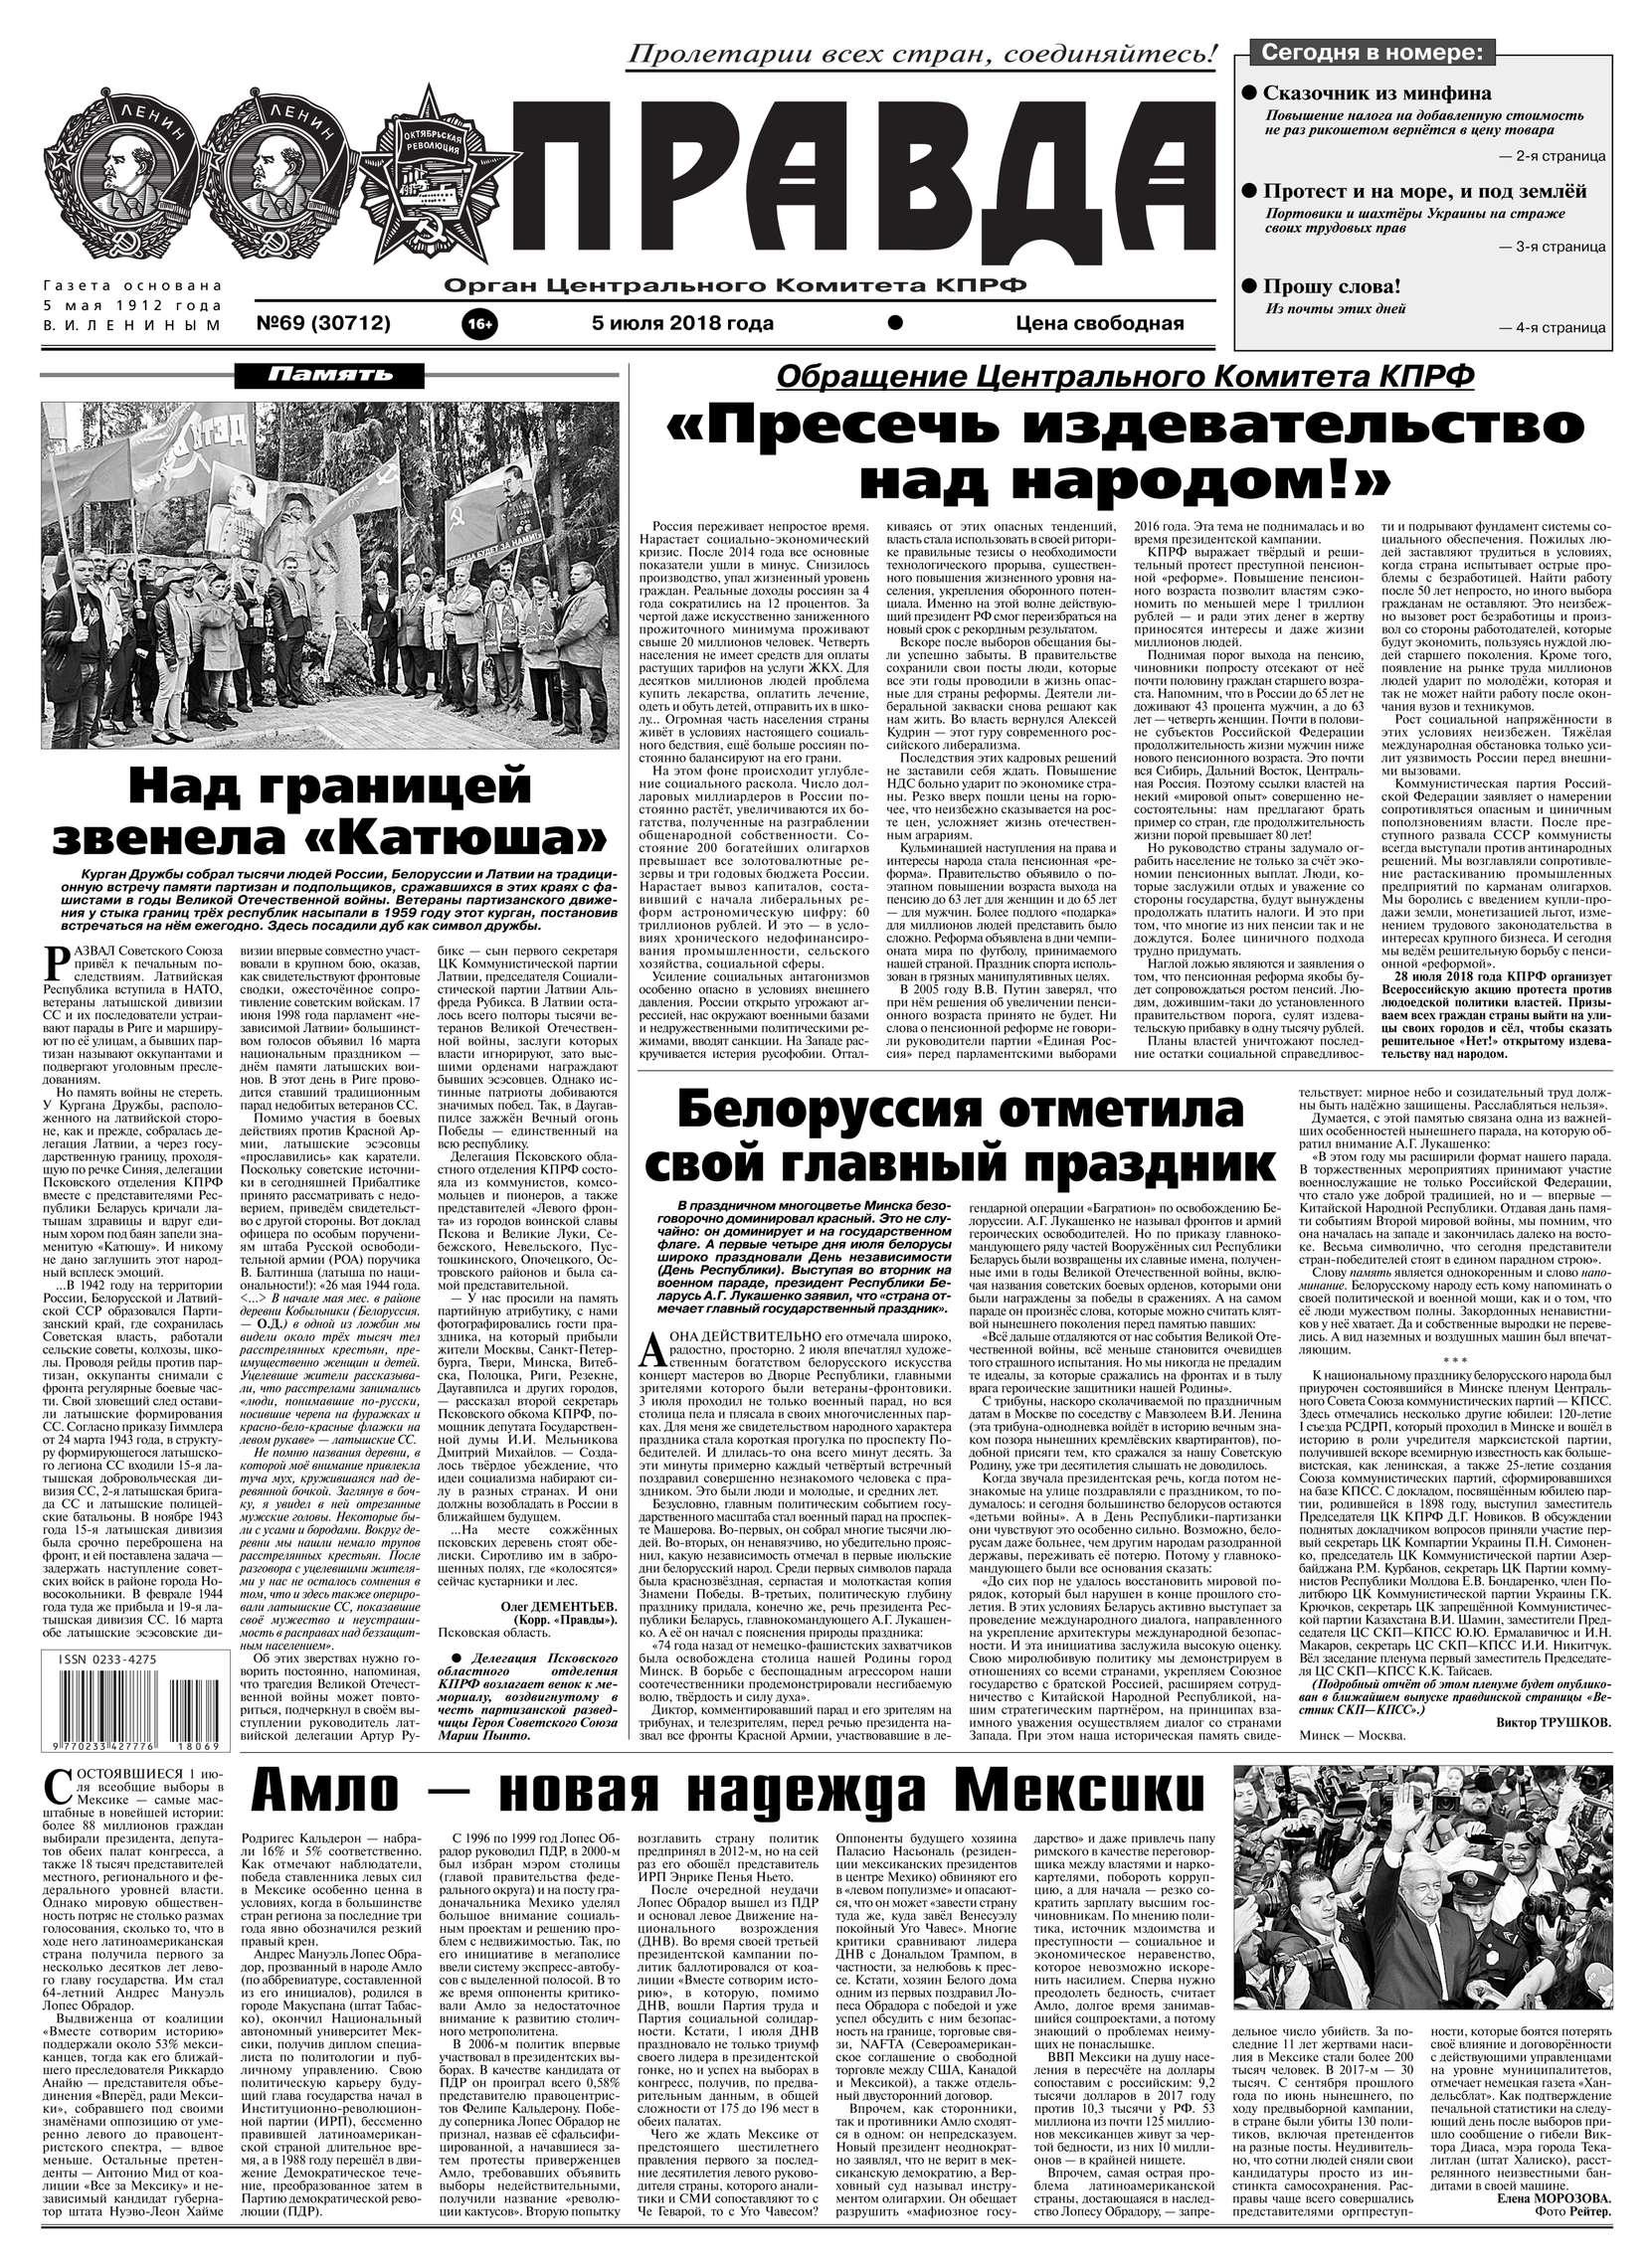 Редакция газеты Правда Правда 69-2018 редакция газеты правда правда 69 2017